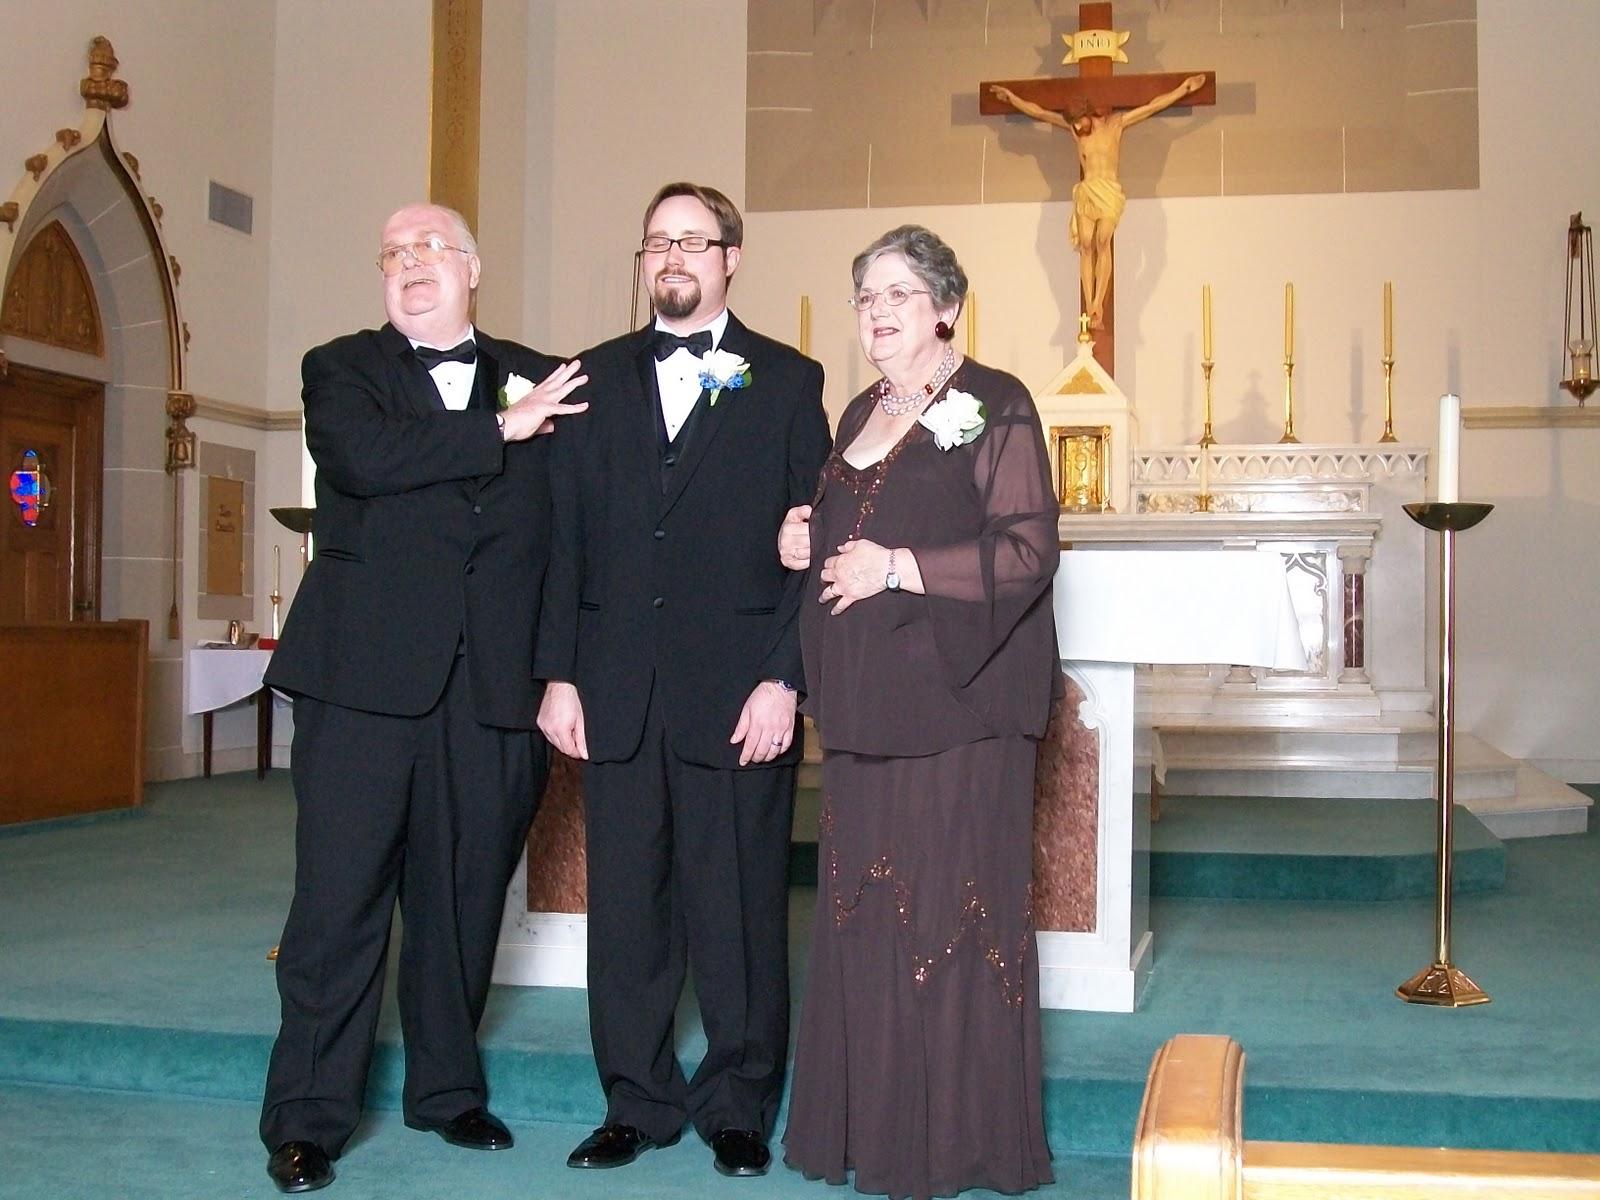 Our Wedding, photos by Joan Moeller - 100_0383.JPG